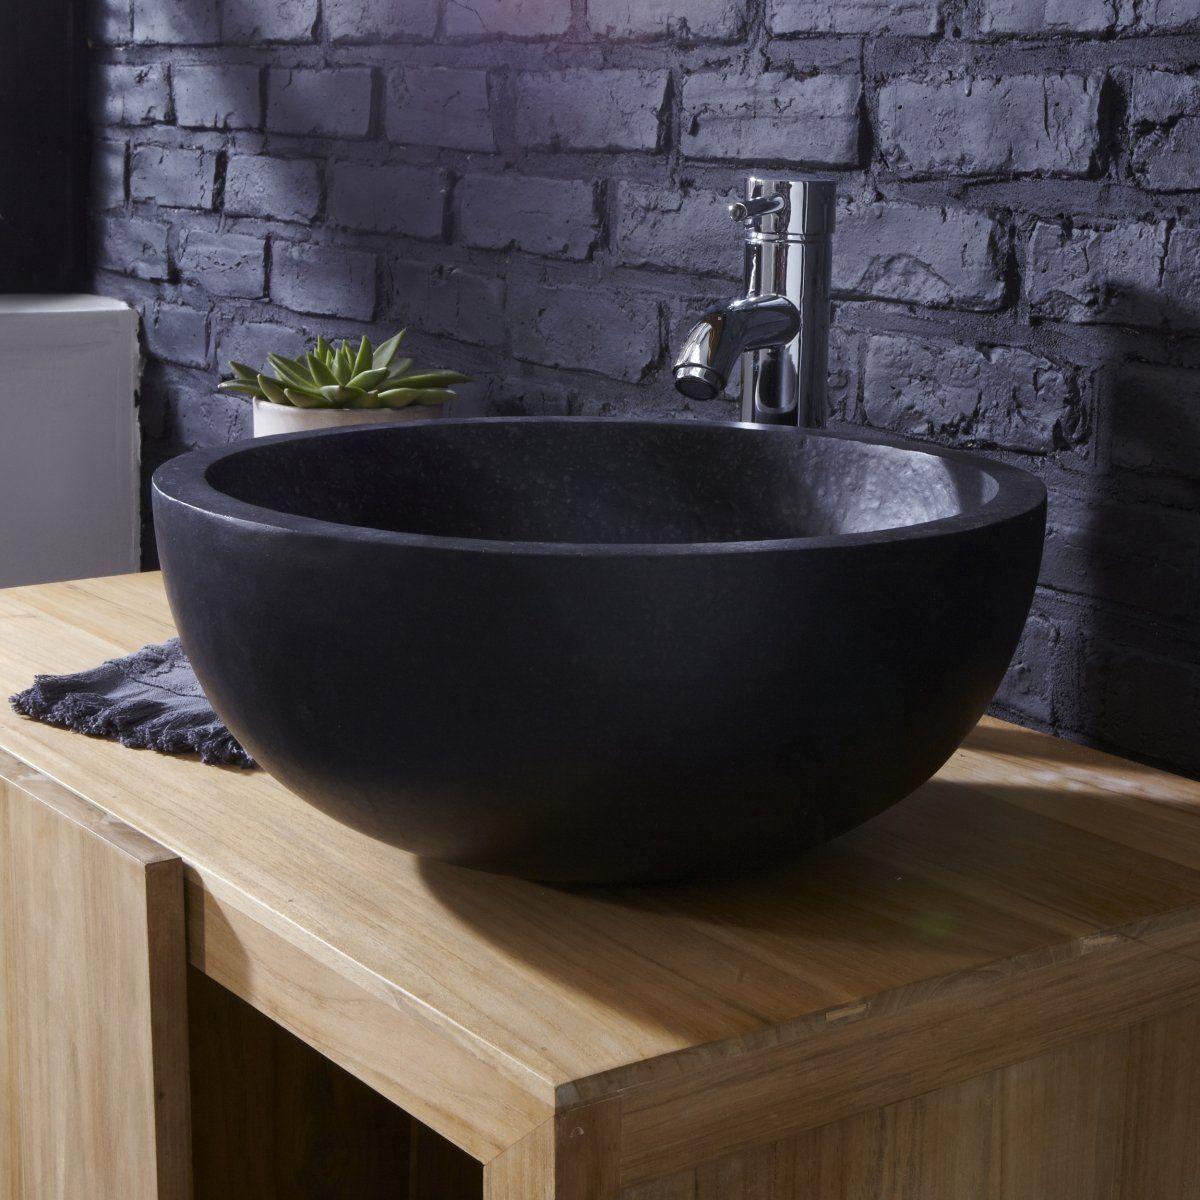 Aufsatzwaschbecken Waschbecken Terrazzo Schwarz Badezimmer Rund 40 Cm Design Aufsatzwaschbecken Terrazzo Waschbecken